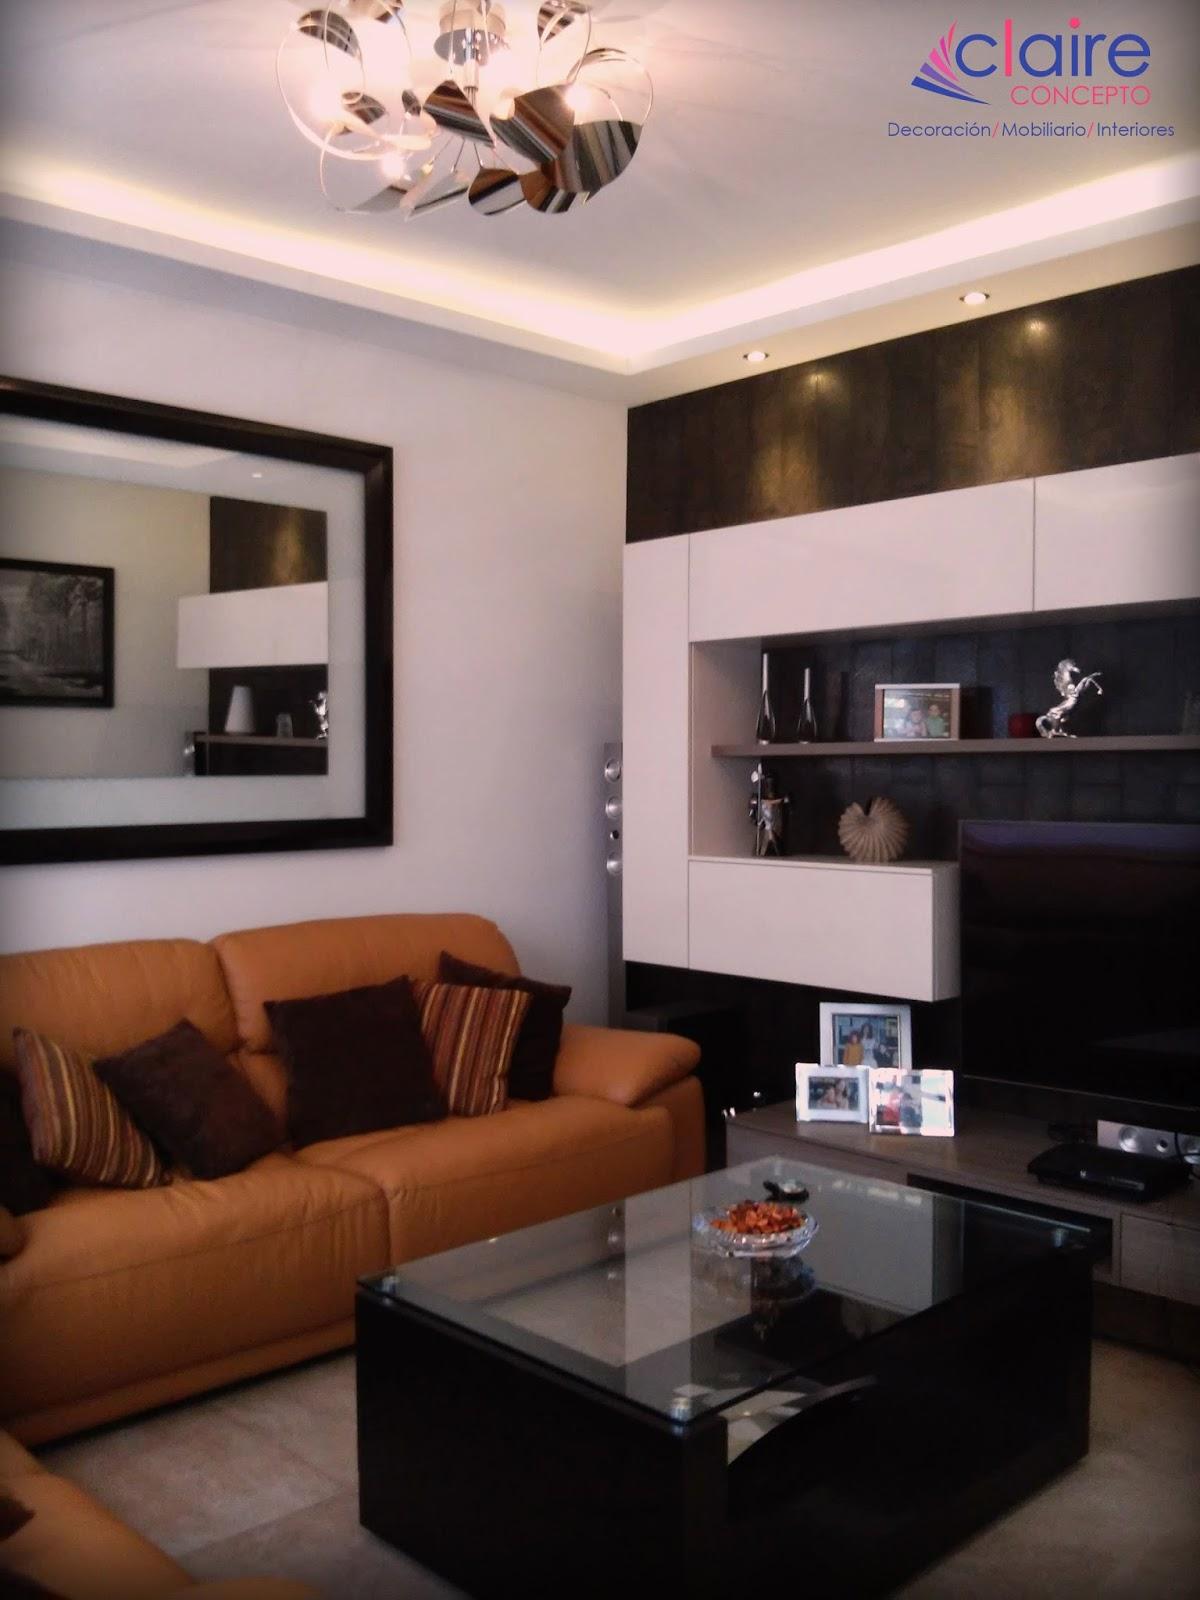 Disenos de muebles para tv de tablaroca - Casas de muebles ...